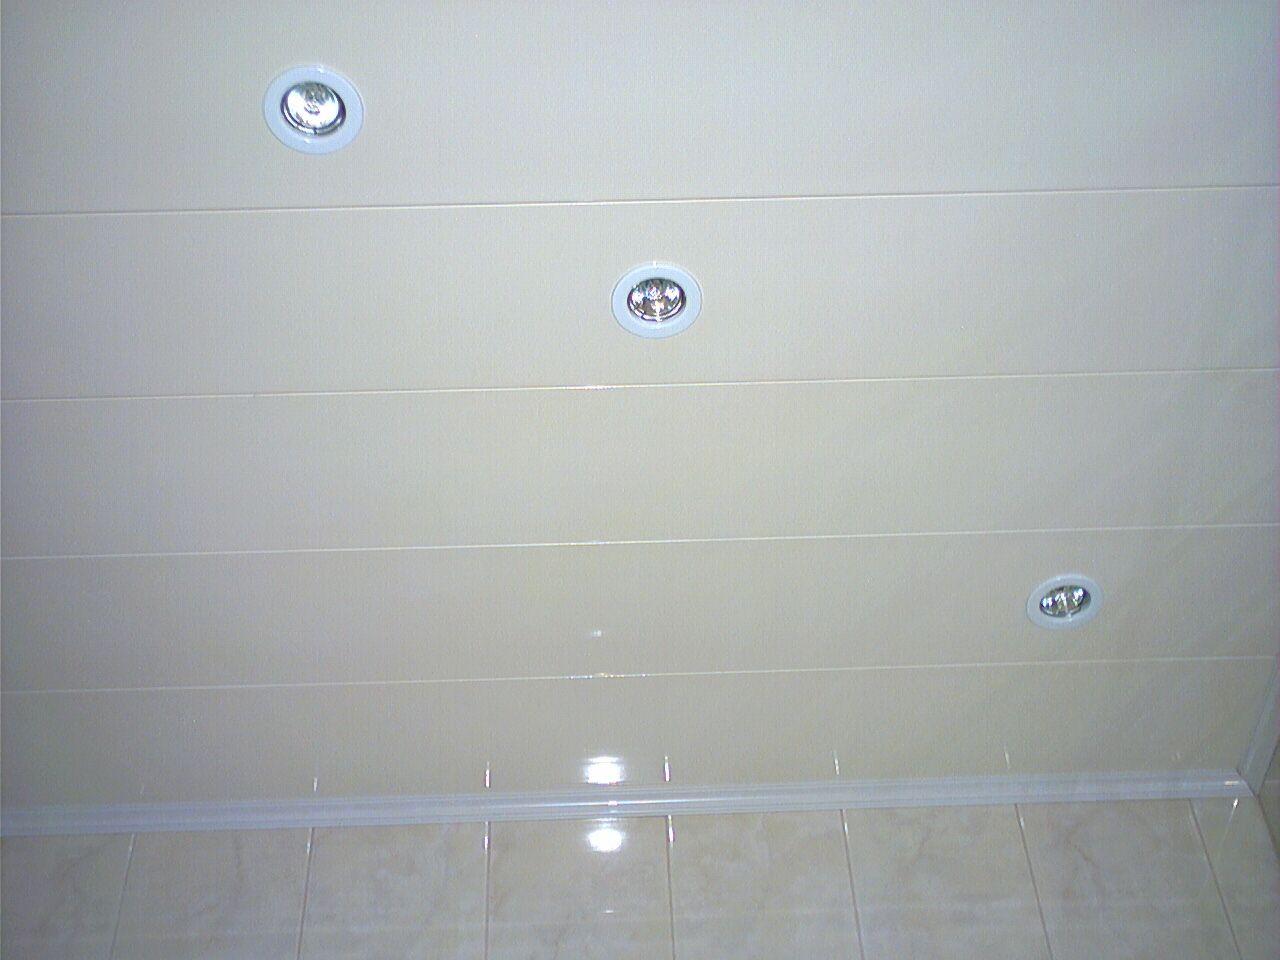 Hauteur sous plafond minimum beauvais prix du m2 renovation maison ancienne - Hauteur sous plafond maison ...